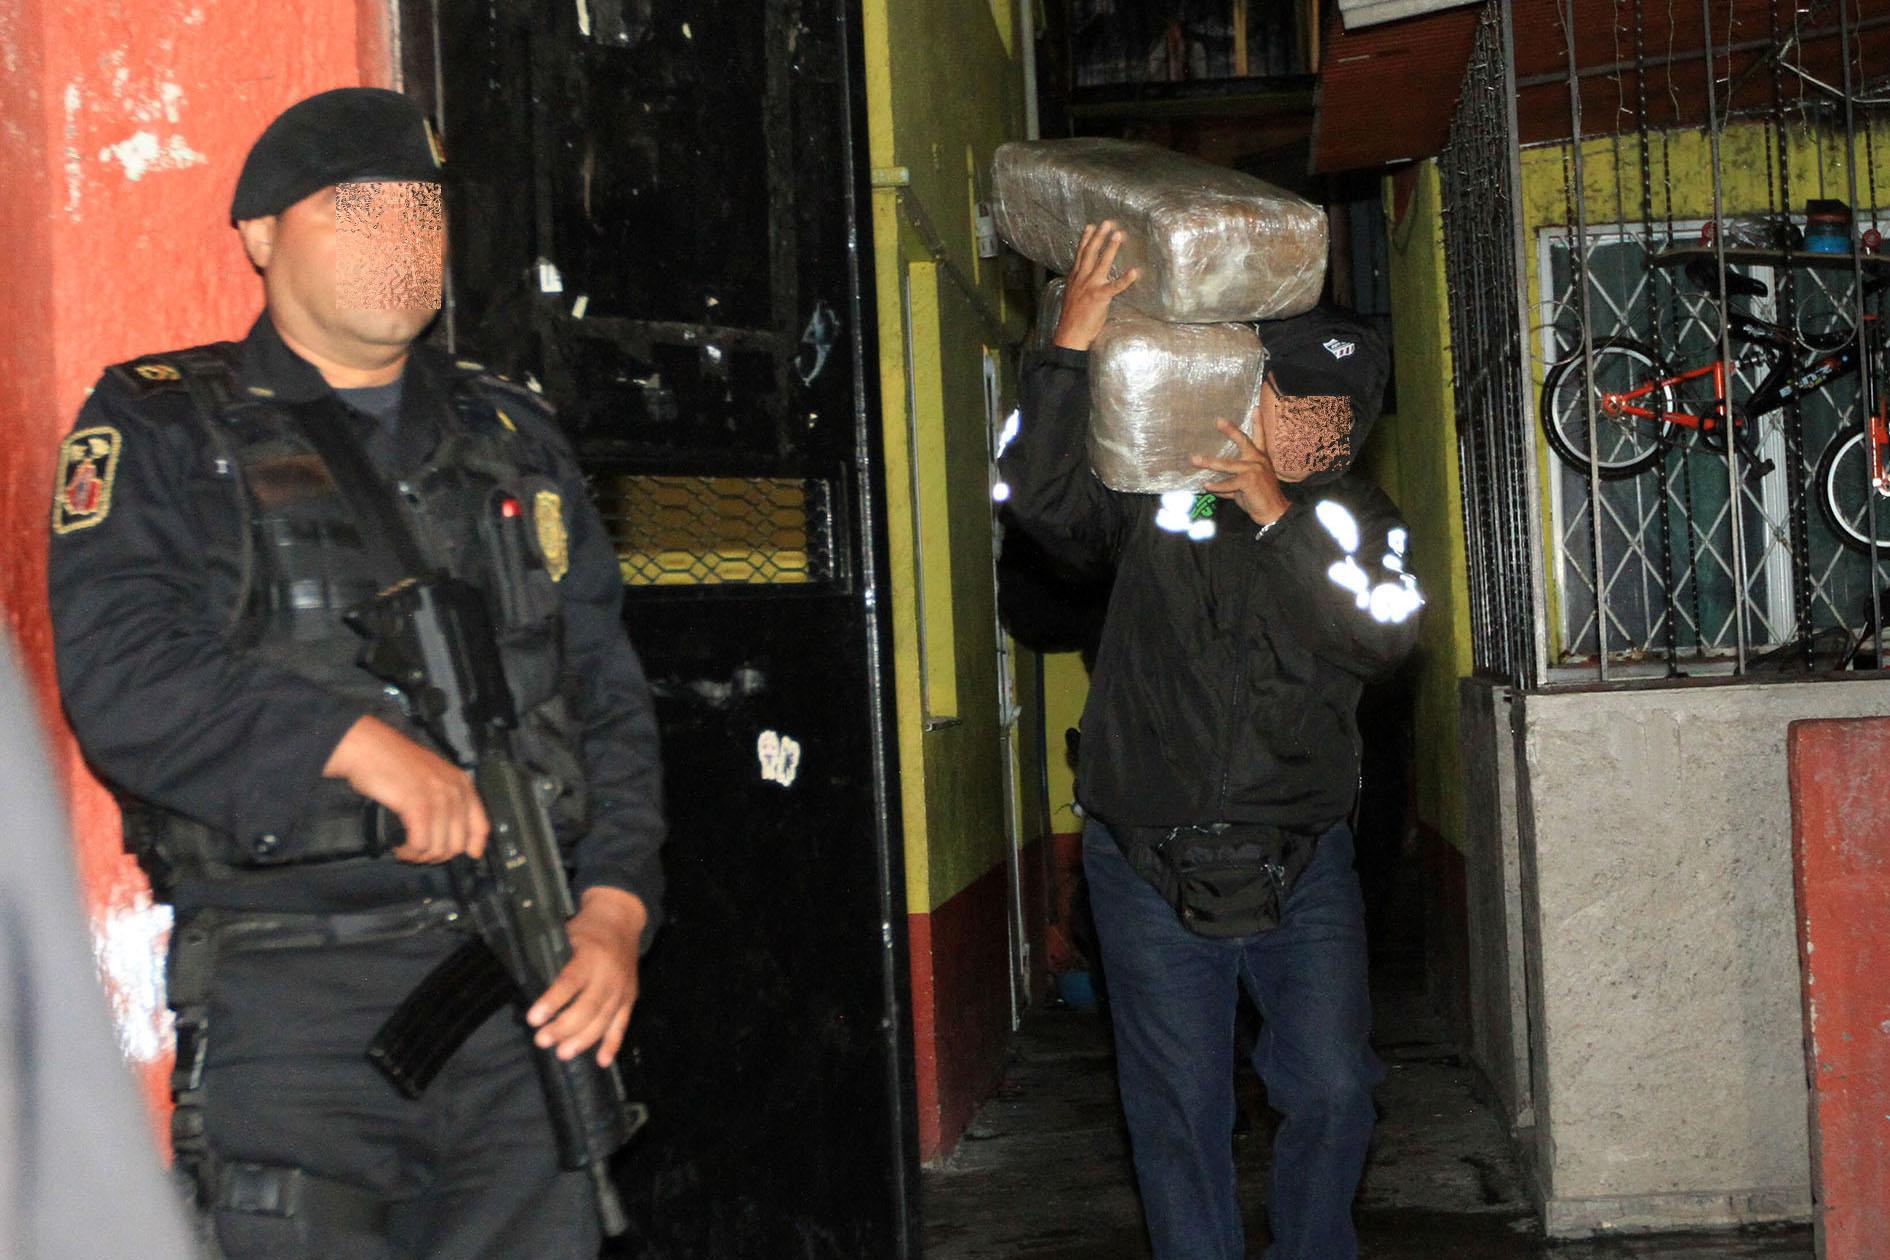 Ni pa' las reumas dejaron: SSC decomisa 3.5 toneladas de mota en Tepito